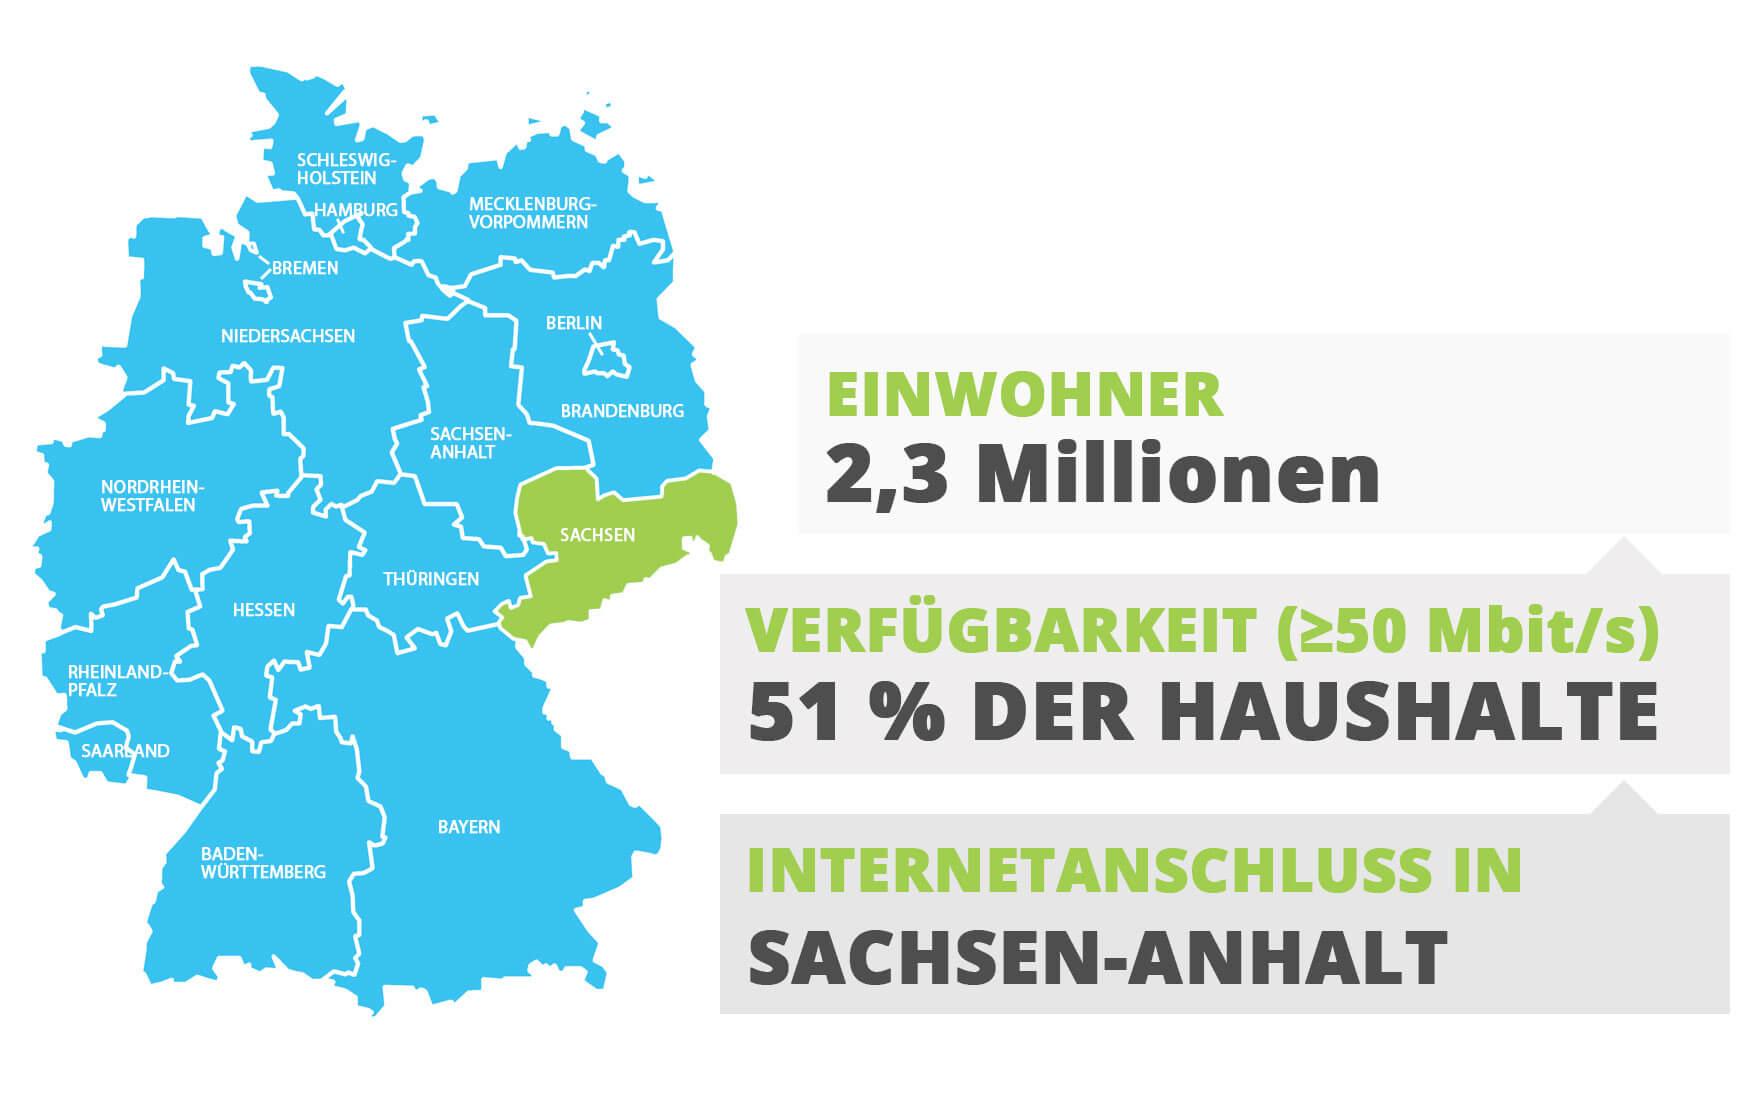 Internetanschluss in Sachsen-Anhalt